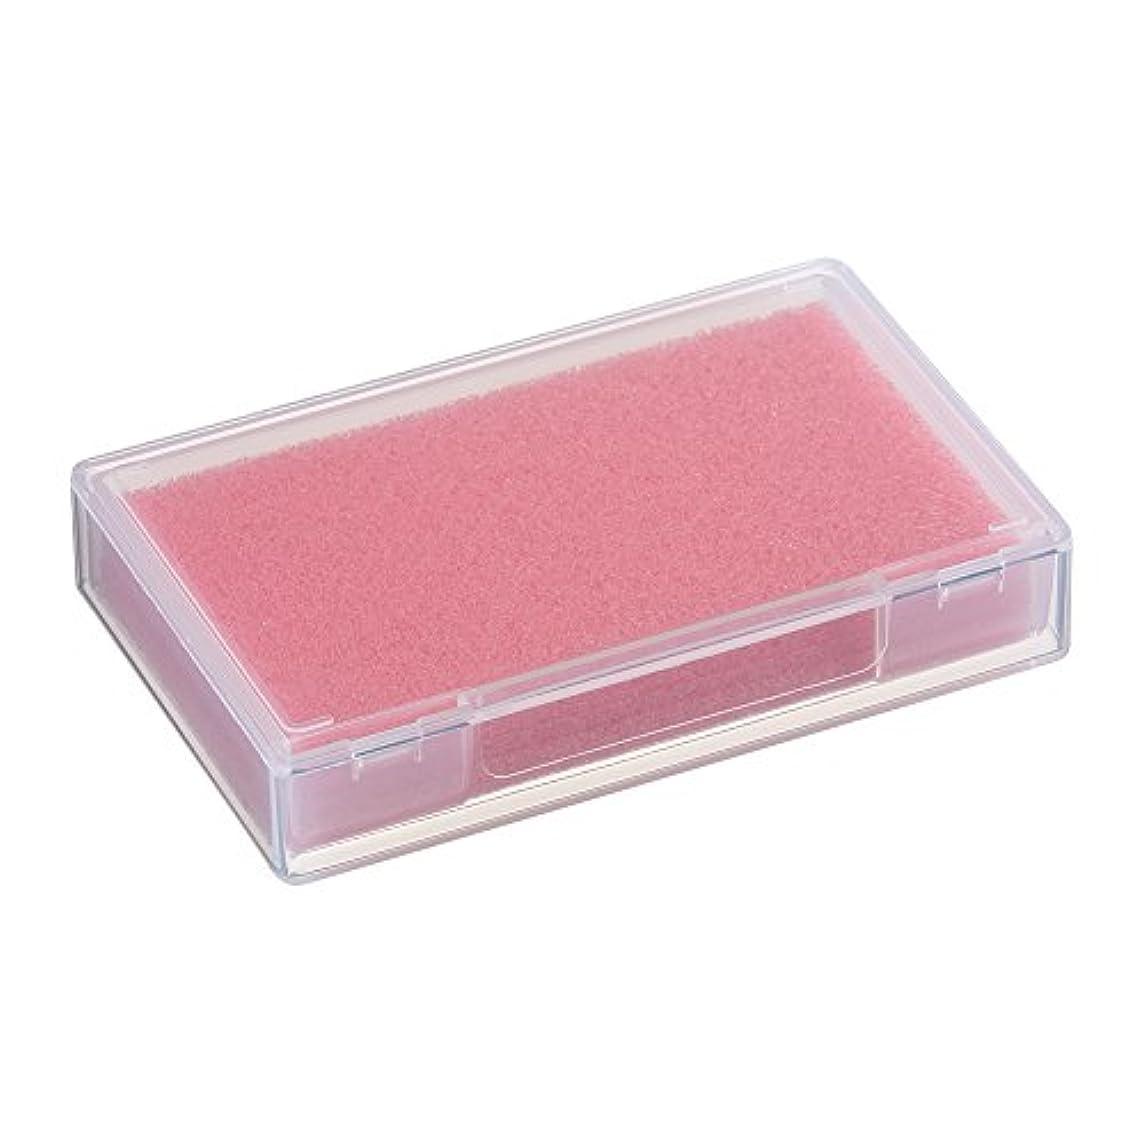 モードリンさせる増加するネイルチップケース ピンク